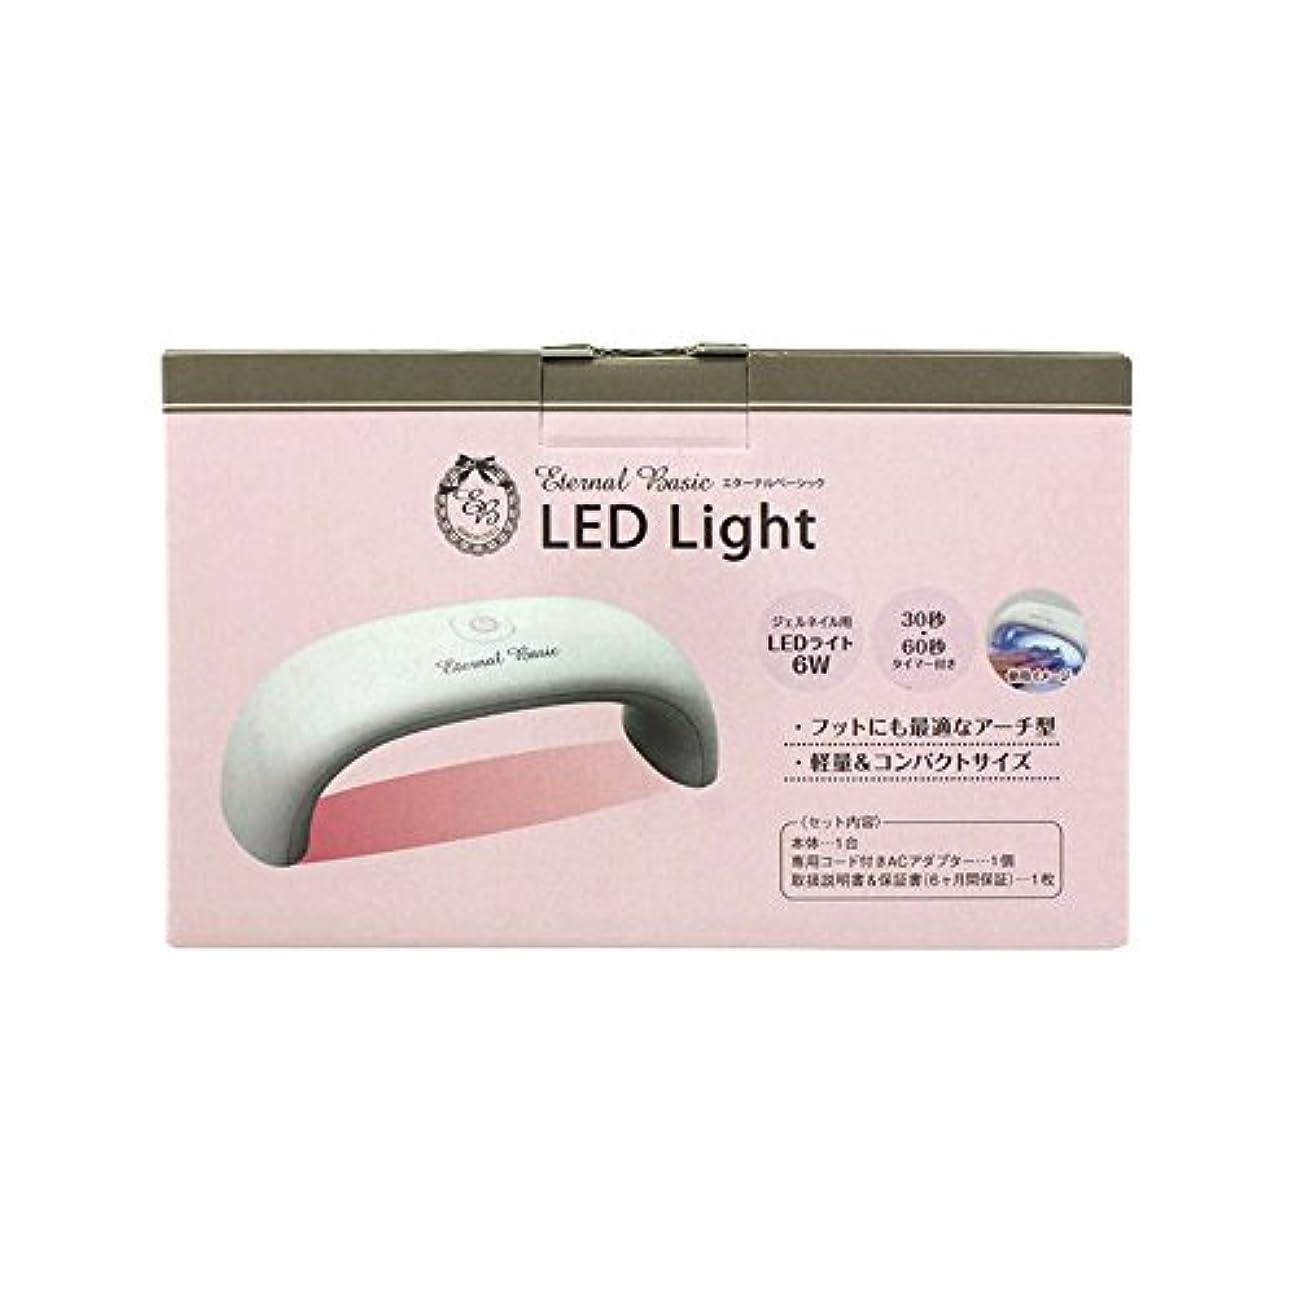 戻る仕えるめんどりEB LEDライト2 (1台)